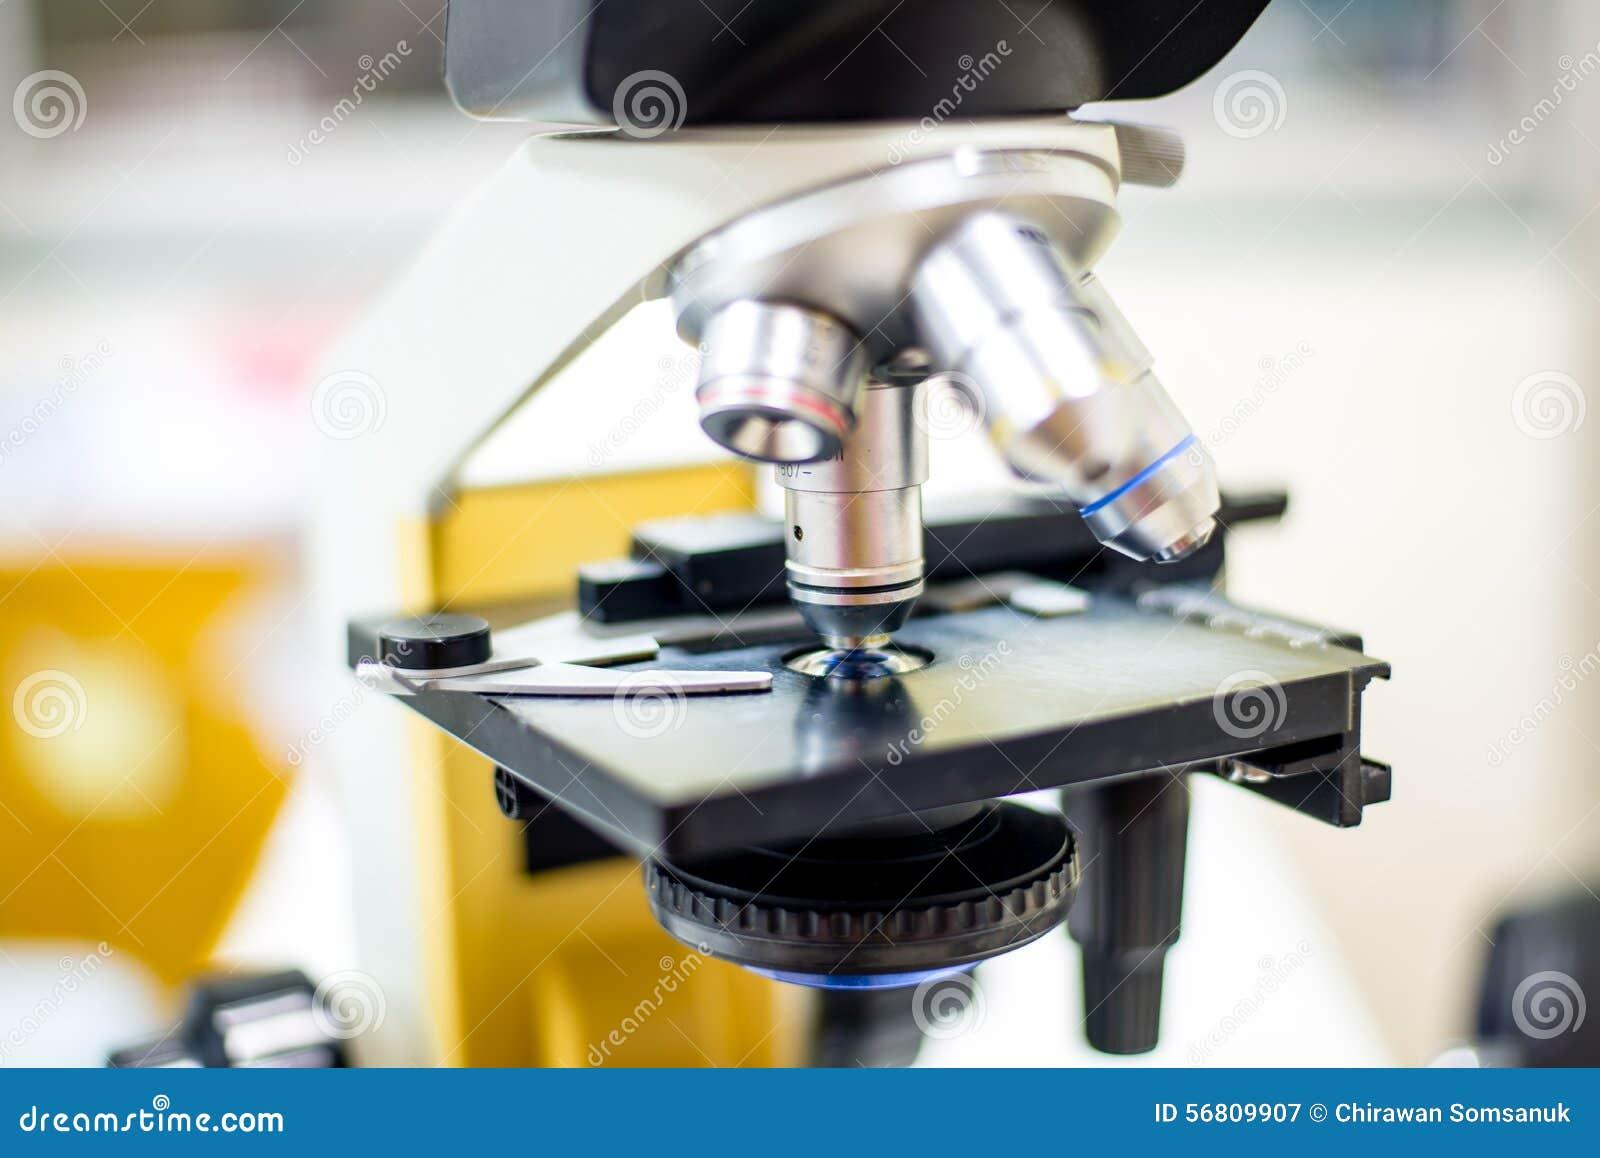 Научный биологический микроскоп